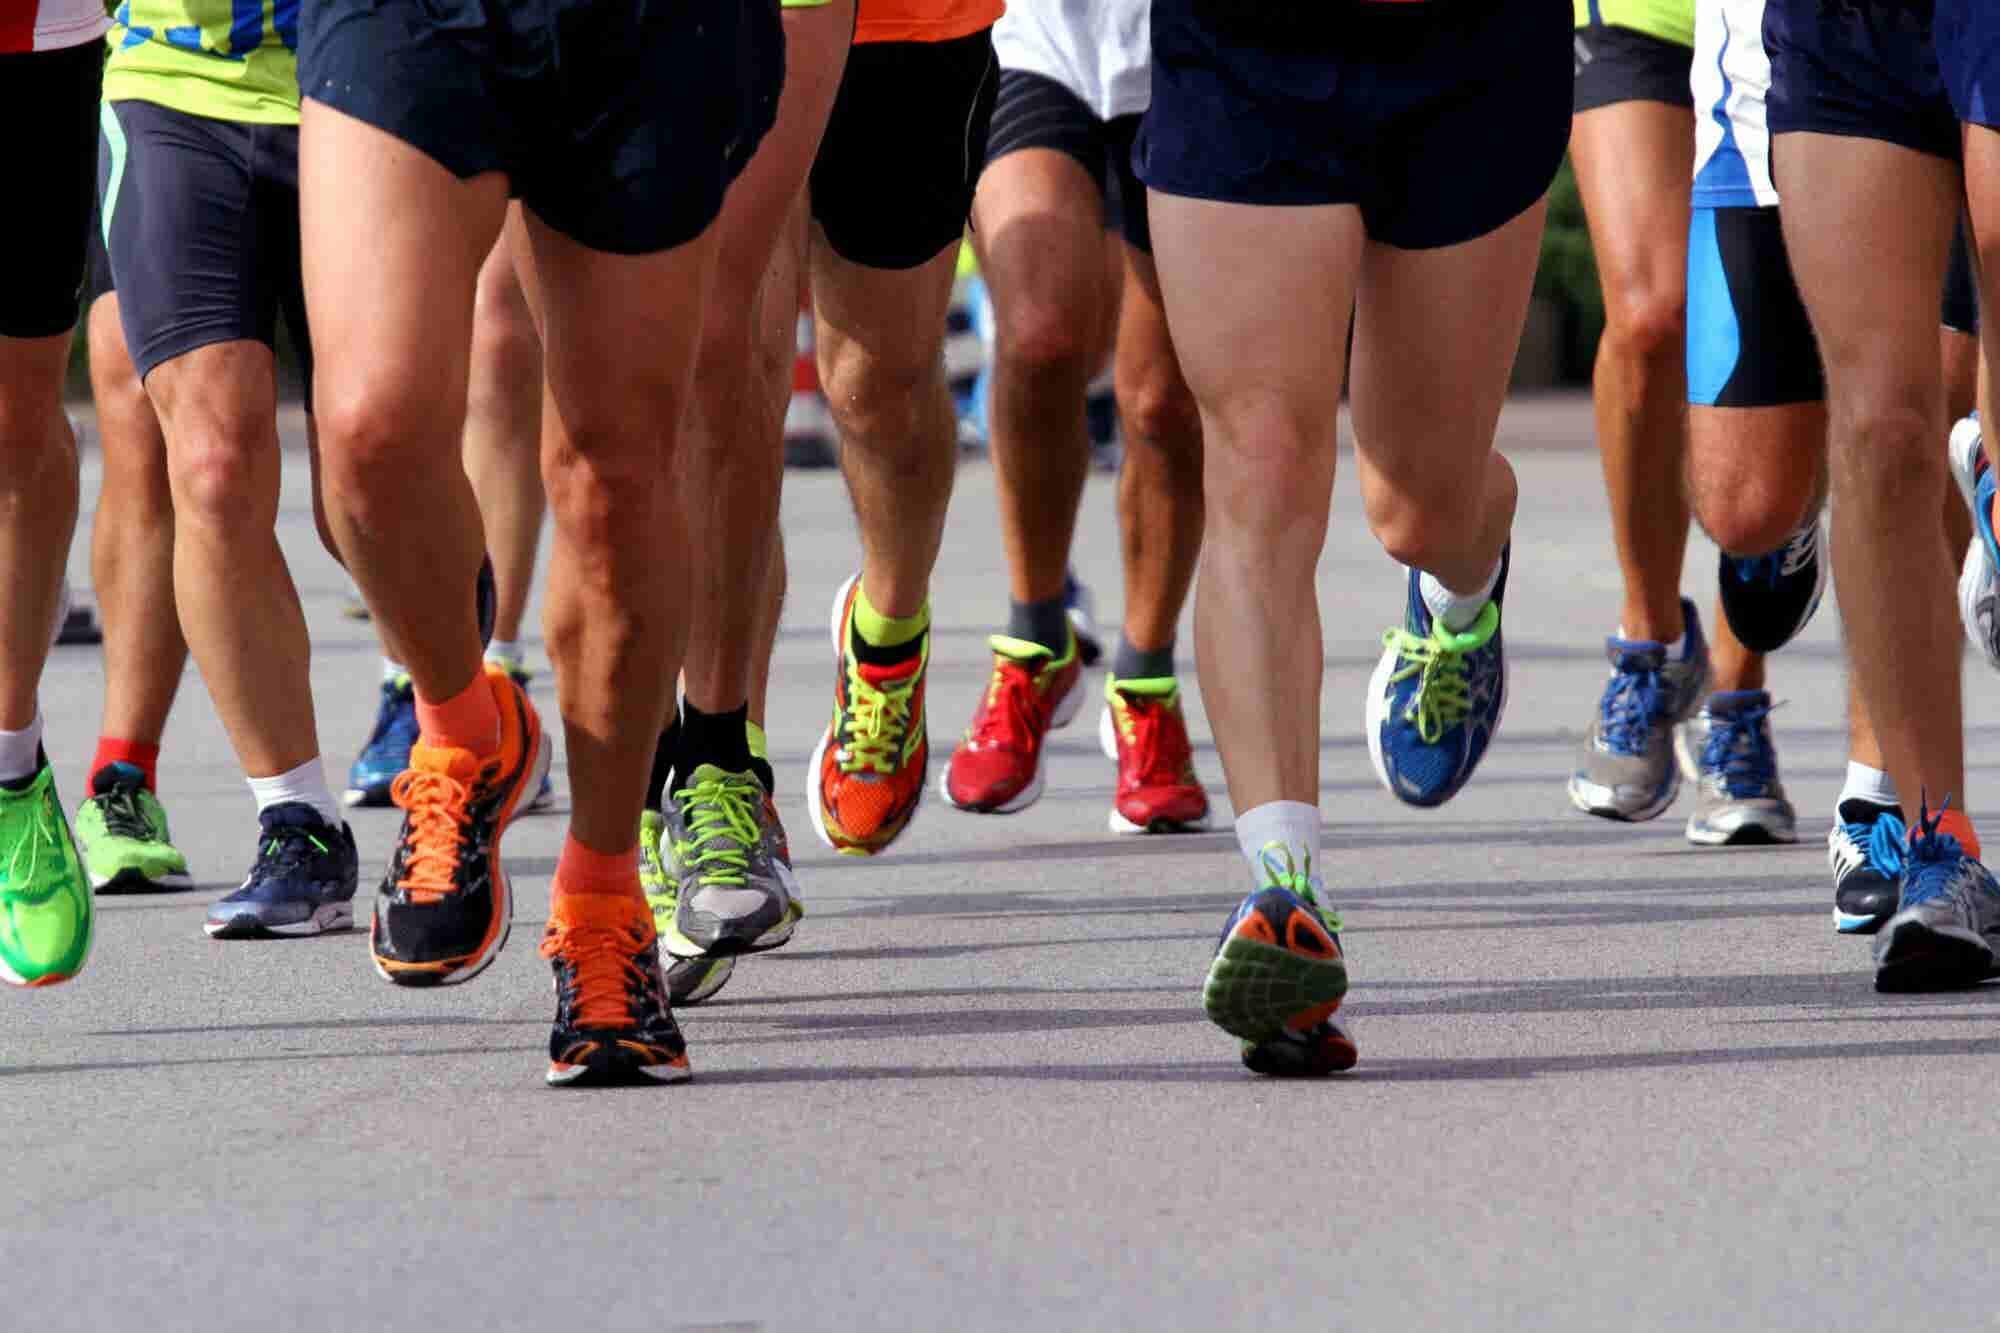 ¿Qué hay en común entre emprender, el maratón de la CDMX y un trago de Coca-Cola?